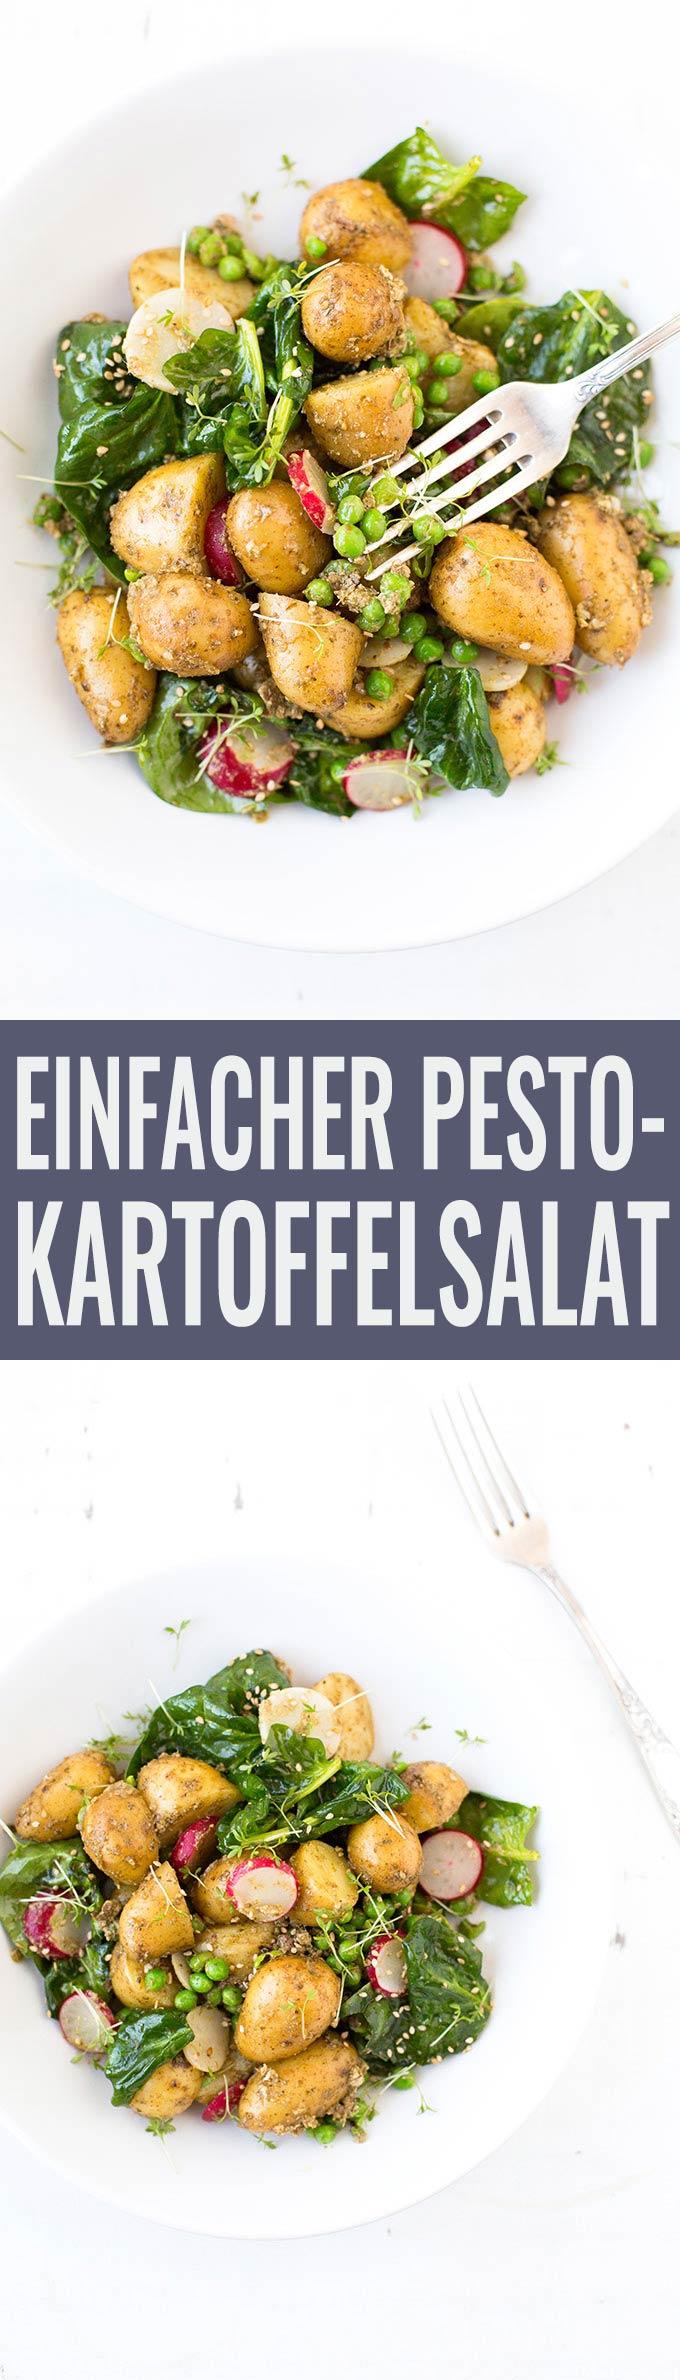 Einfacher Kartoffelsalat mit Pesto. Dieses Rezept ist schnell und SO gut - Kochkarussell.com